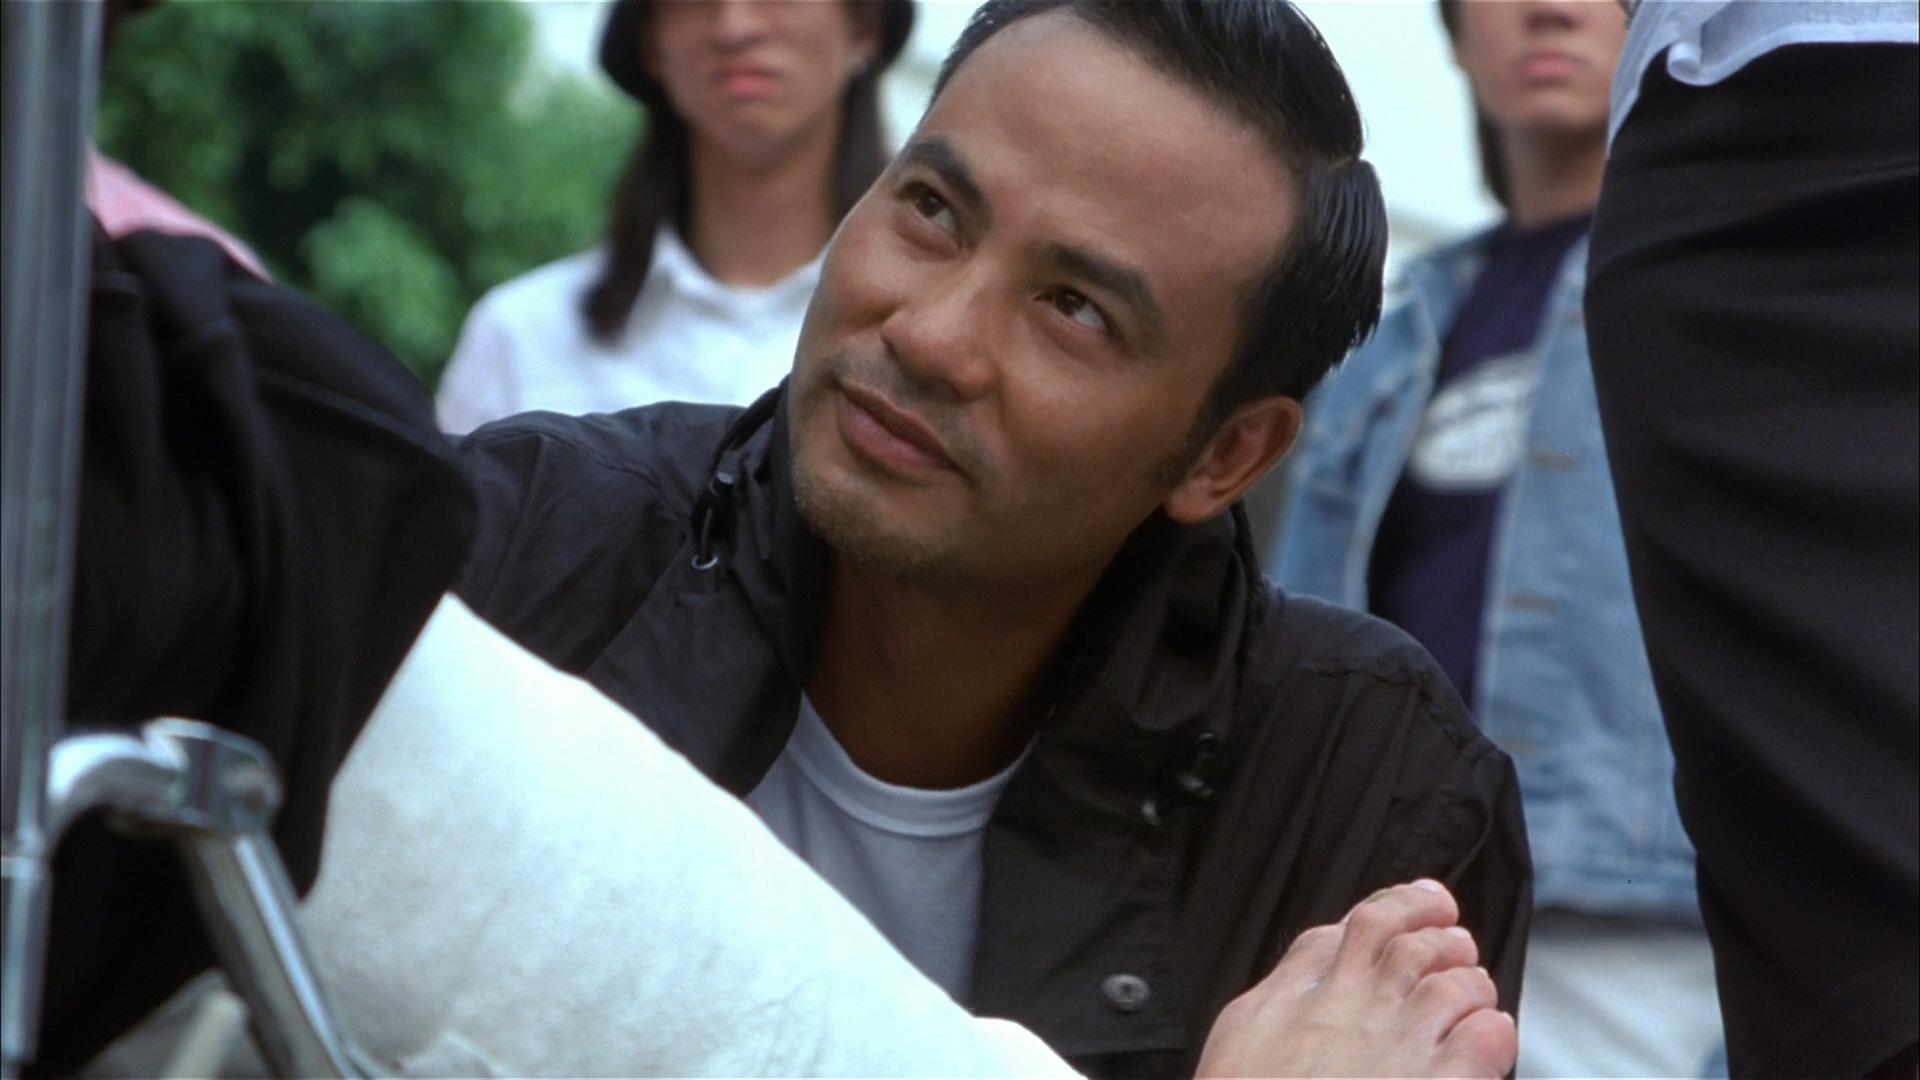 Simon Yam in Lit foh chin che 2: Git suk chuen suet (1999)